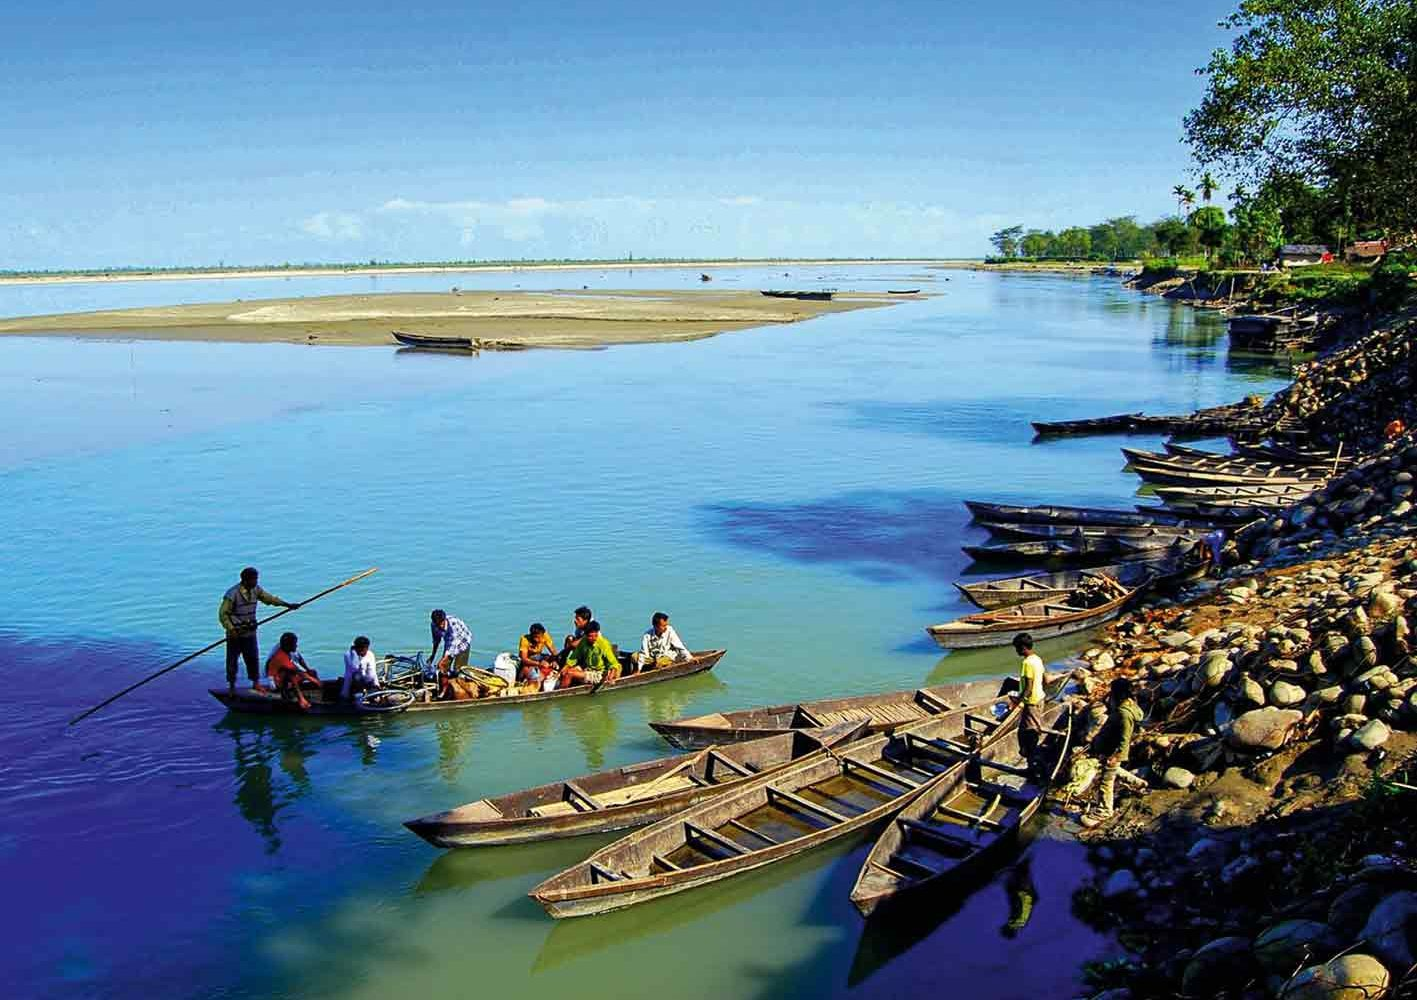 Flusslandschaft am Brahmaputra, Assam